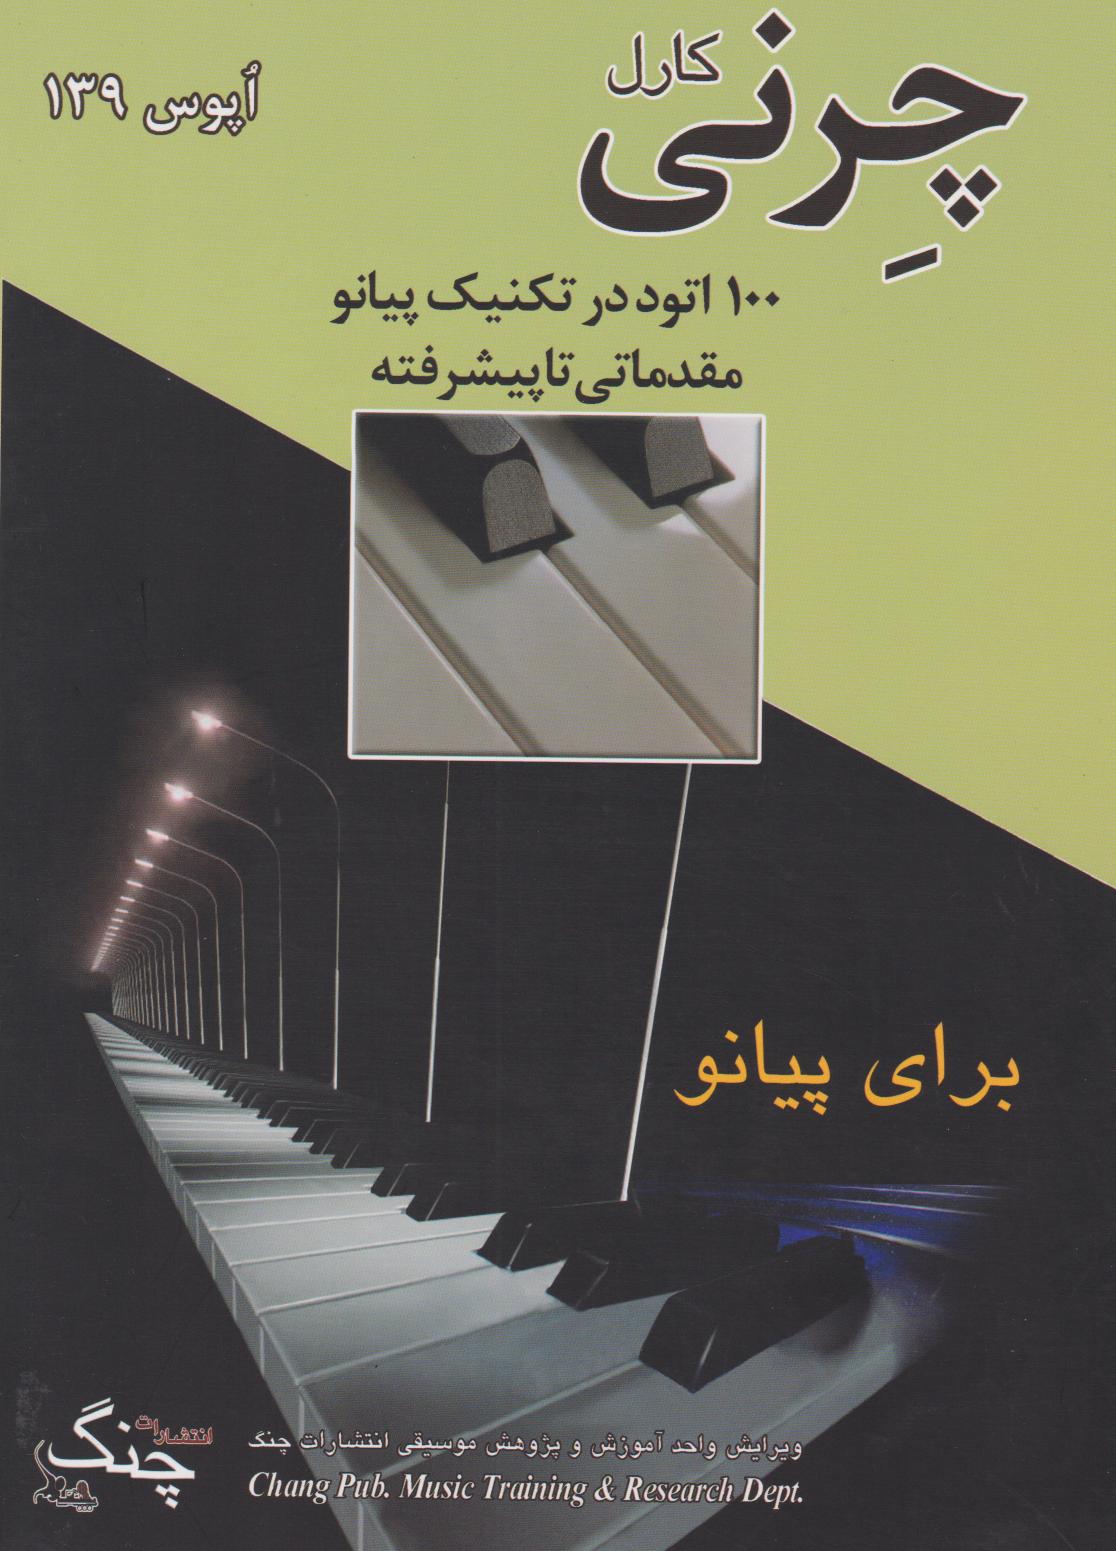 کتاب کارل چرنی اپوس ۱۳۹ برای پیانو انتشارات چنگ